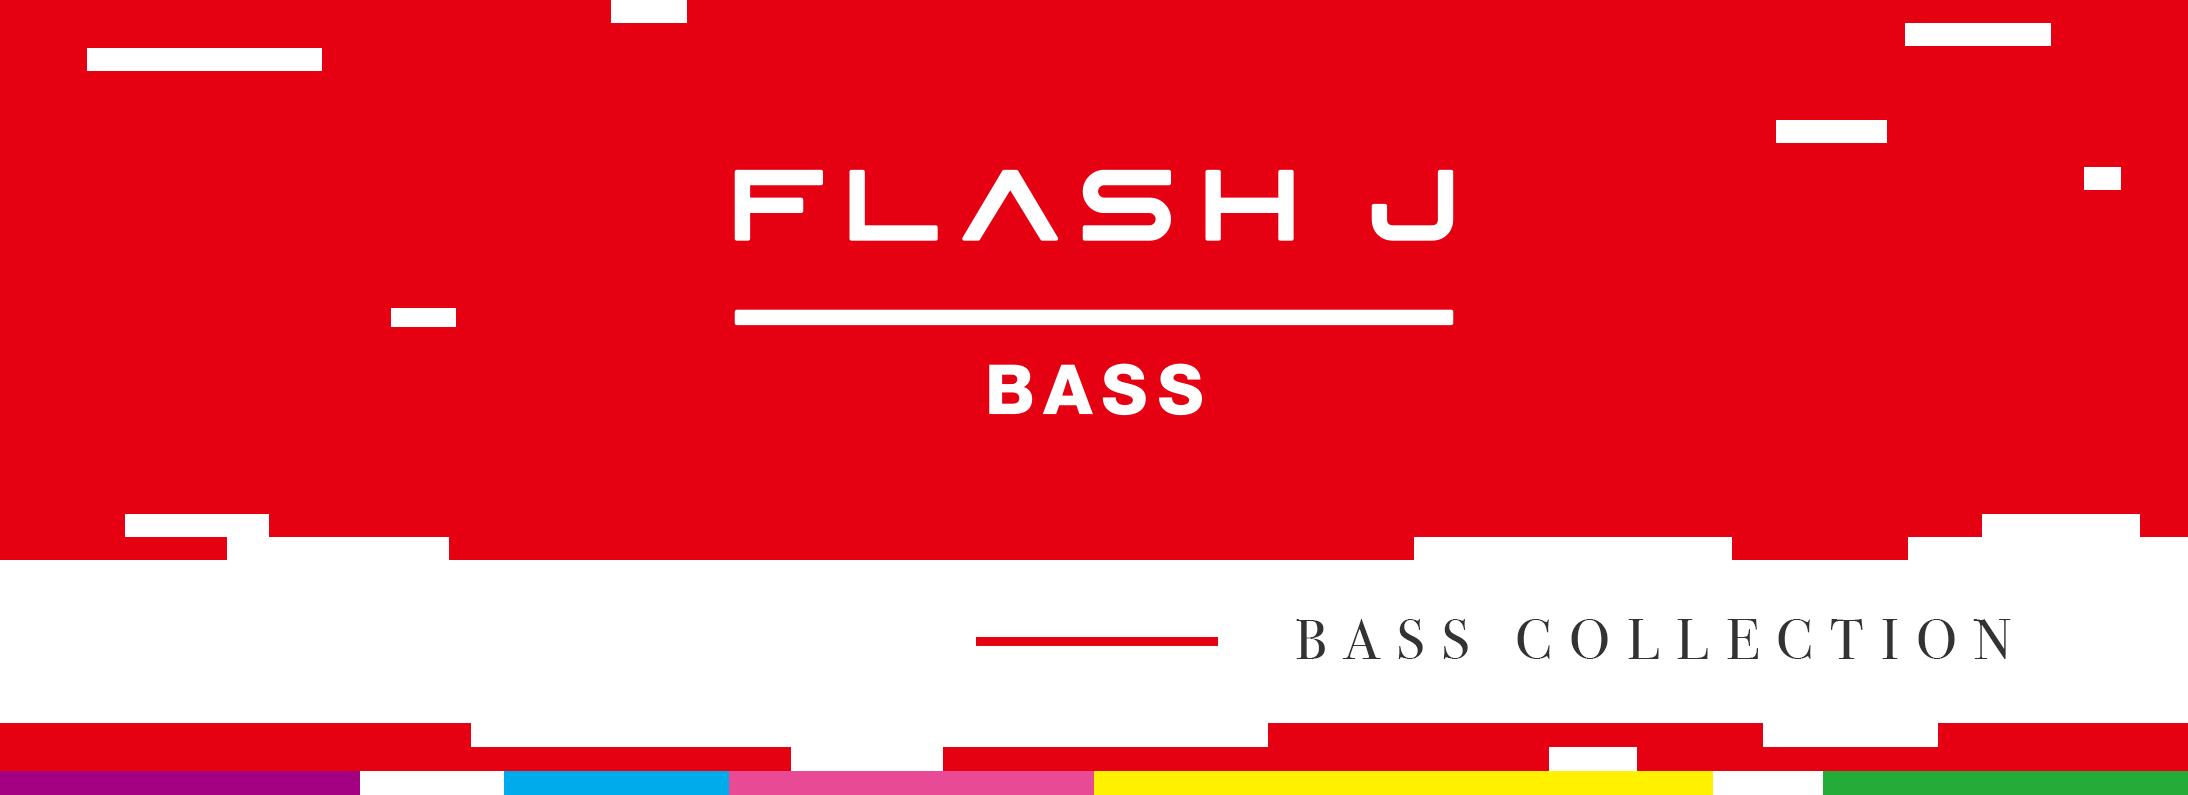 FLASH J BASS